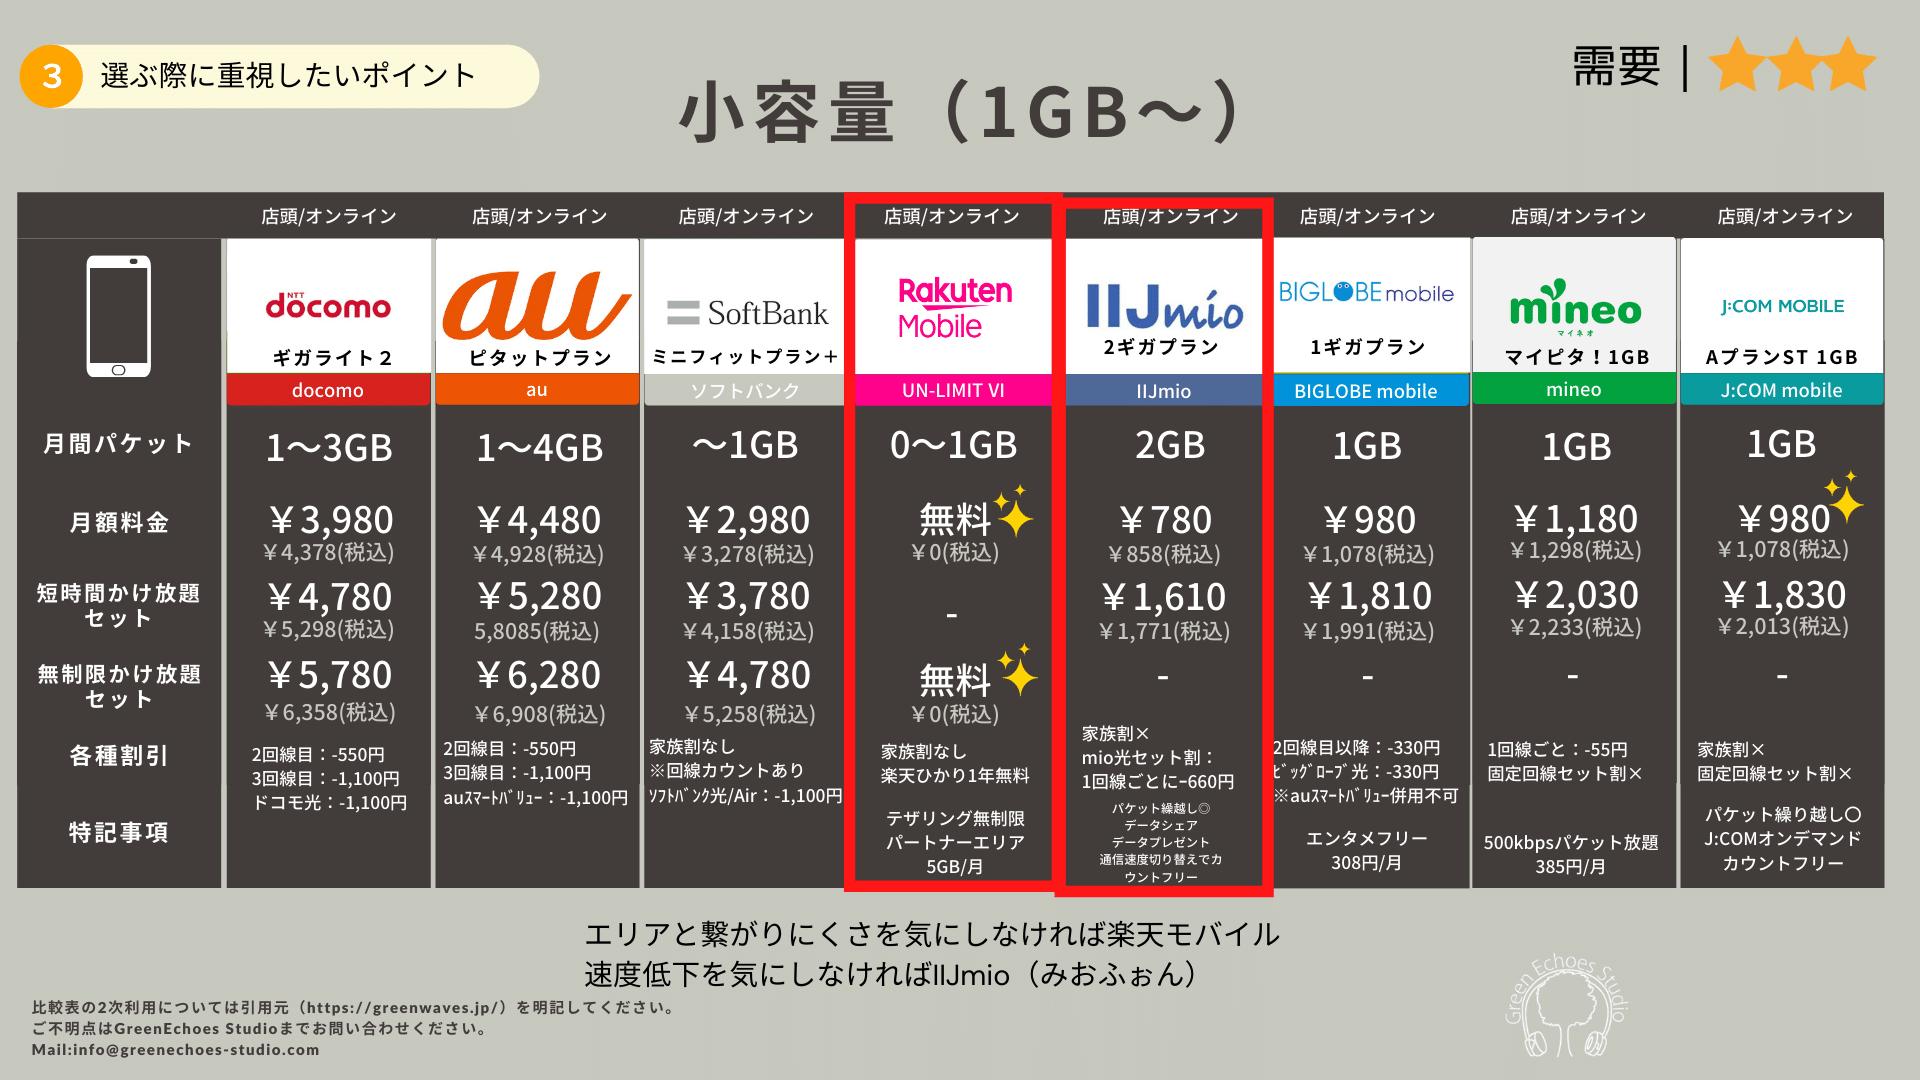 月間パケット上限1GB比較表